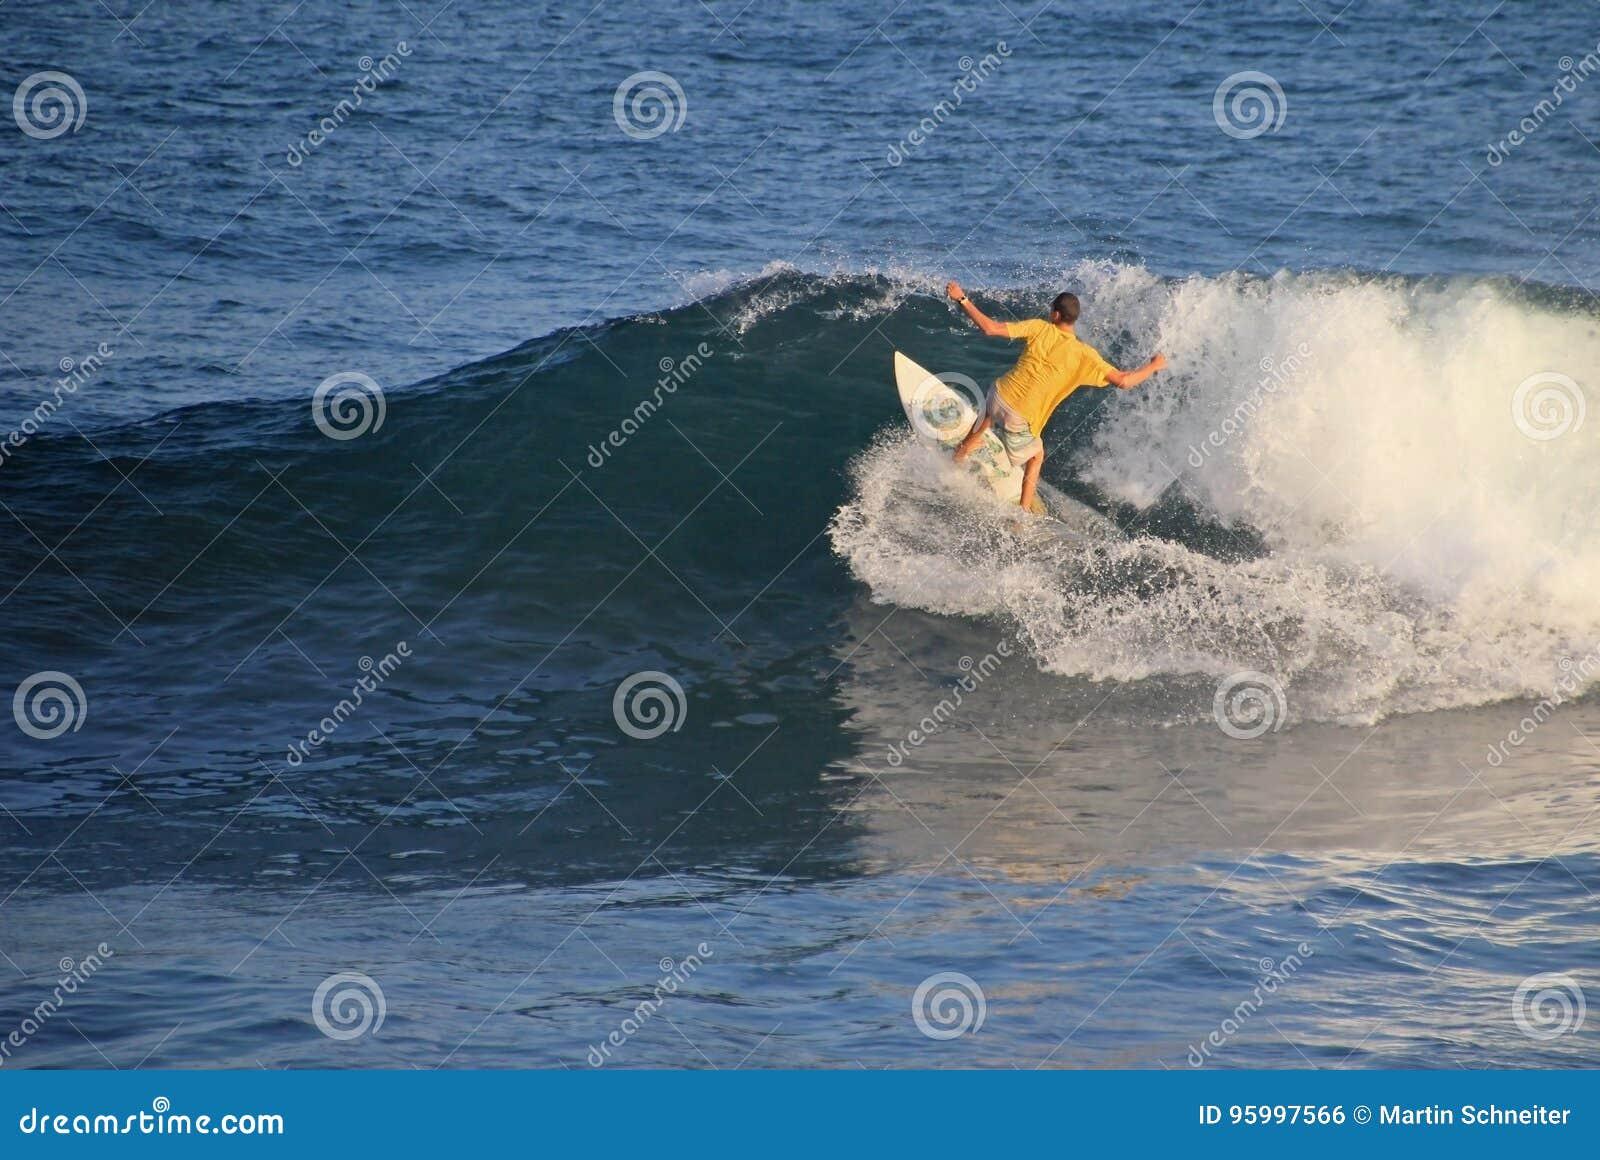 Lokalny surfingowiec w fala, El Zonte plaża, Salwador